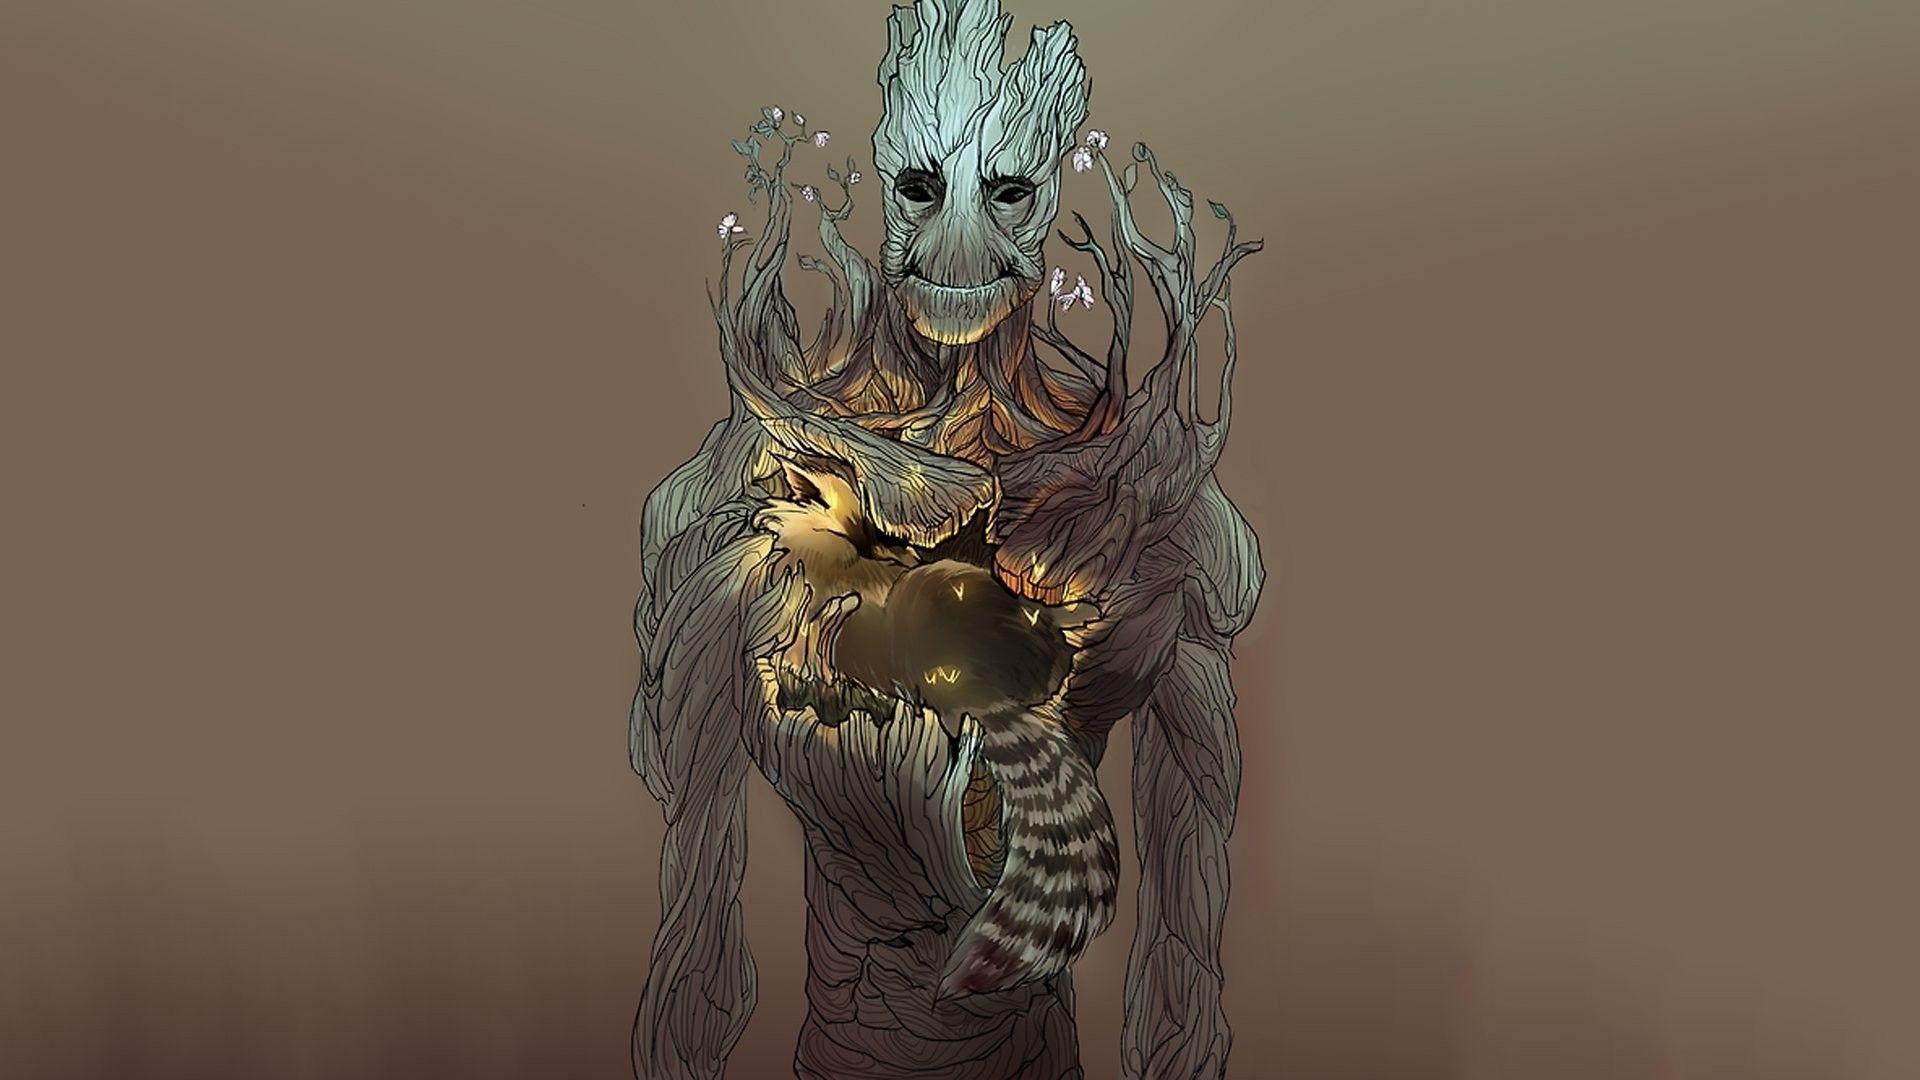 Groot, Guardians Of The Galaxy, Vin Diesel, Marvel Cinematic ...